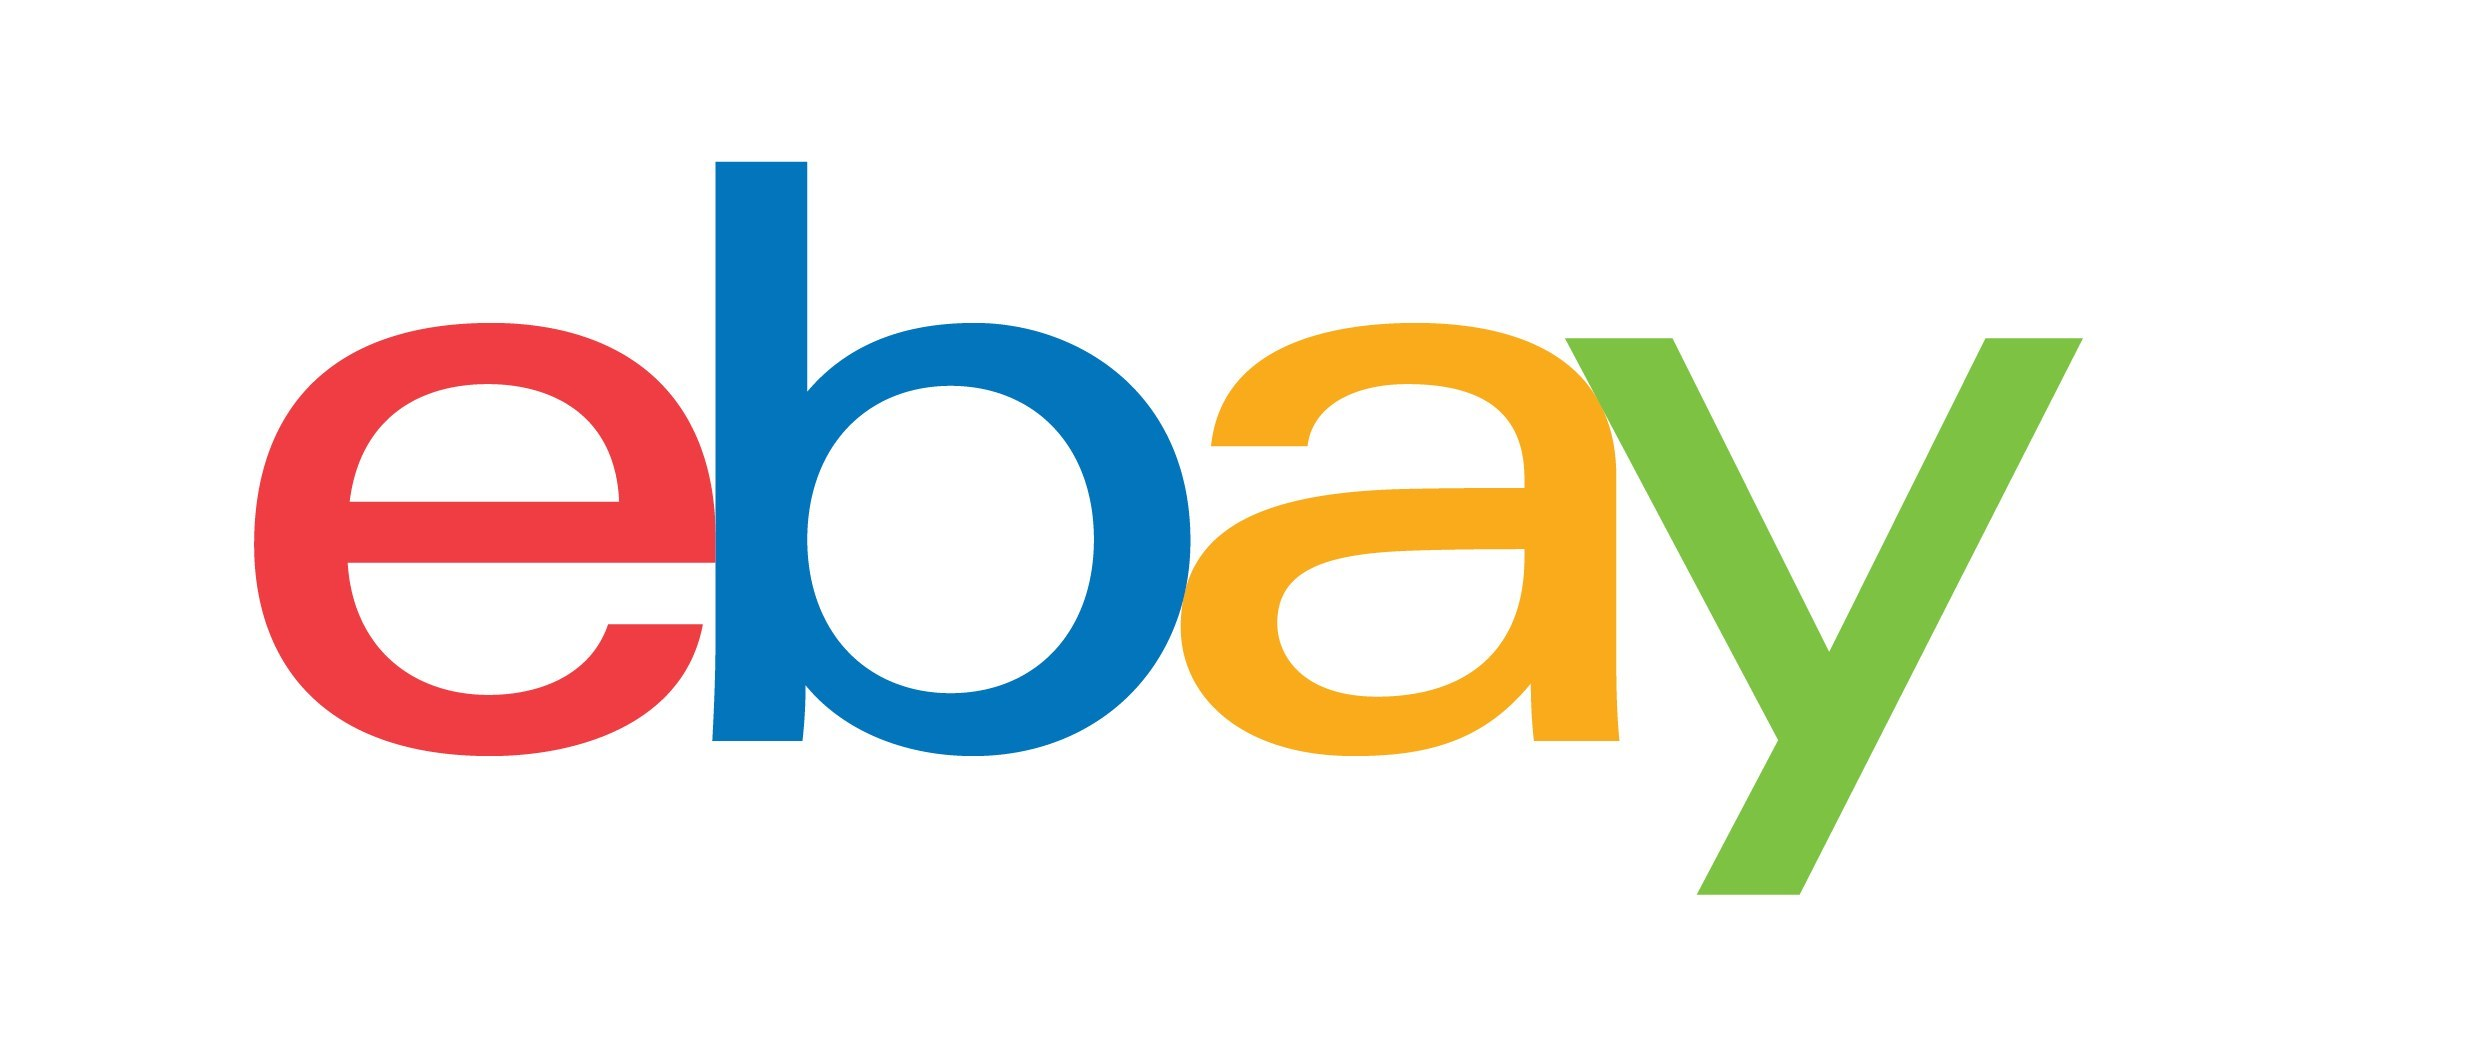 Ebay là gì? Cách bán hàng trên Ebay.com